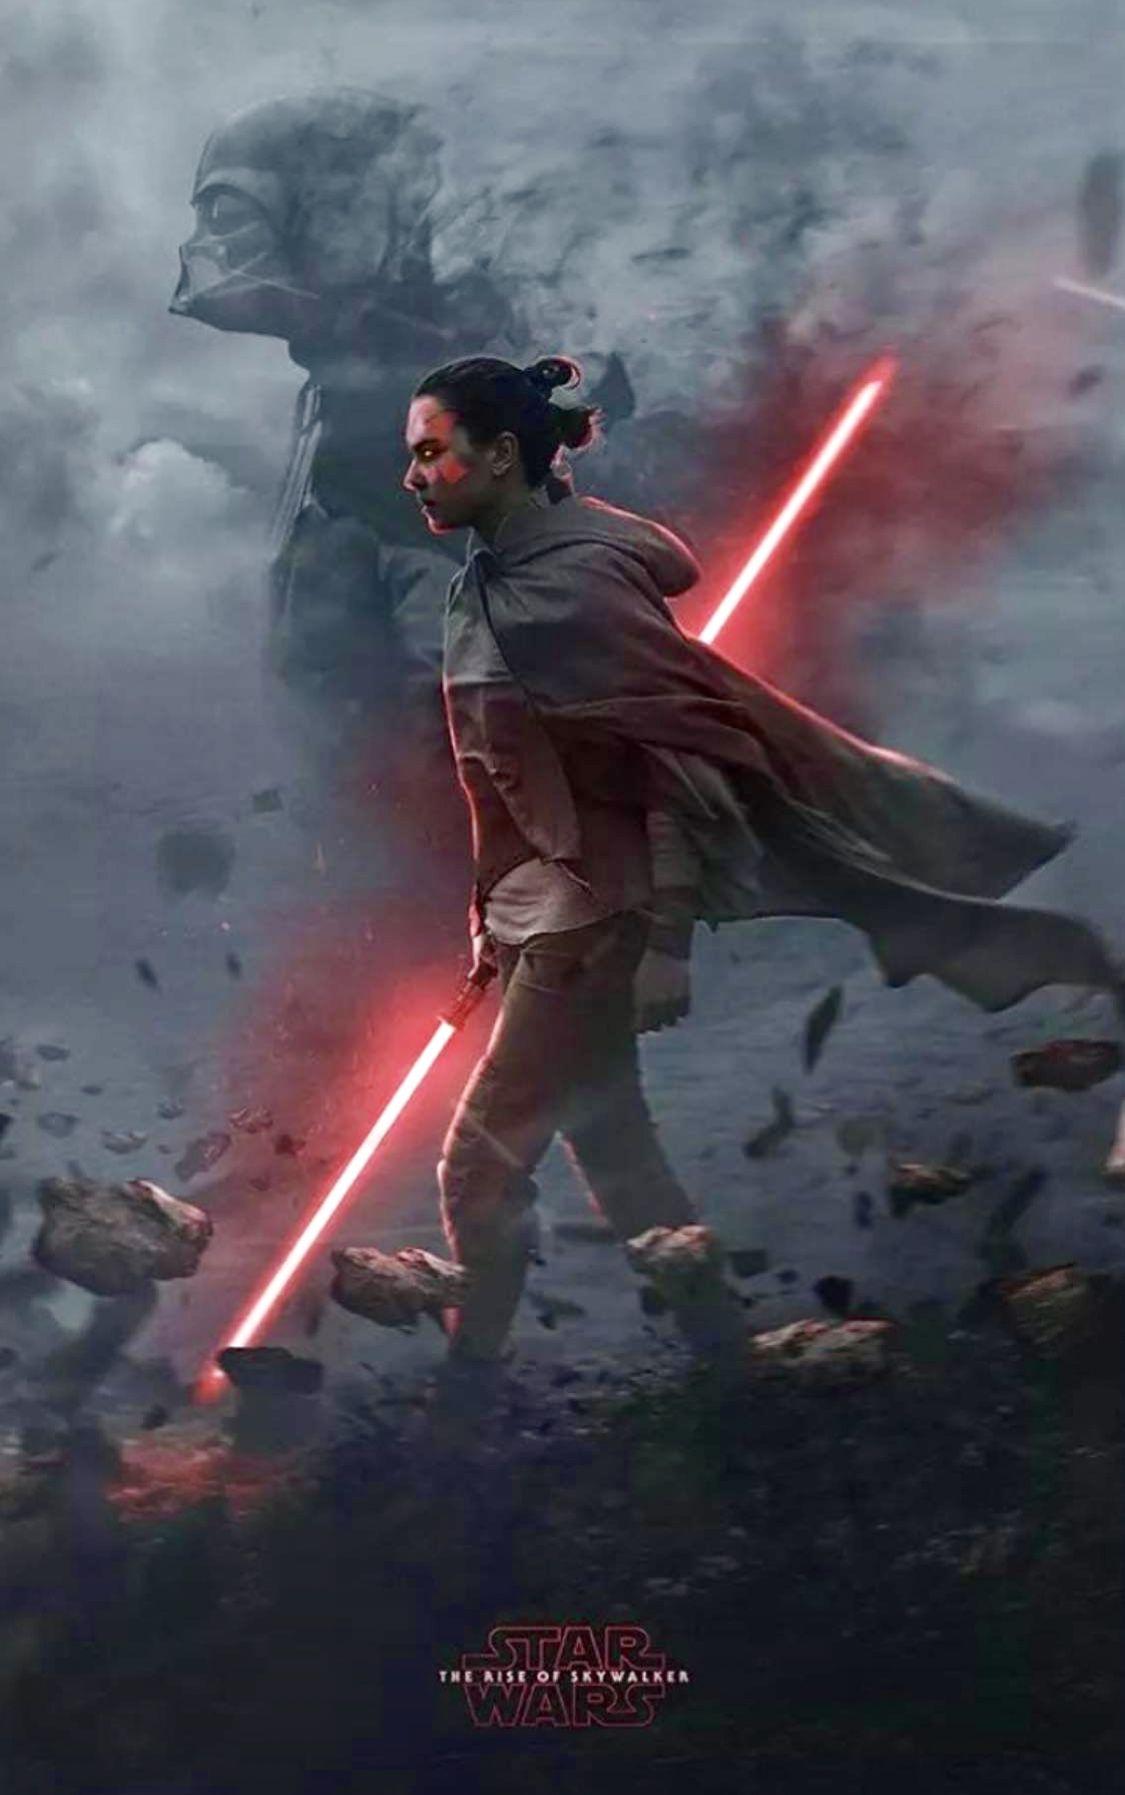 Reylo Rey Darkside Sith Theriseofskywalker Dark Side Star Wars Star Wars Images Rey Star Wars